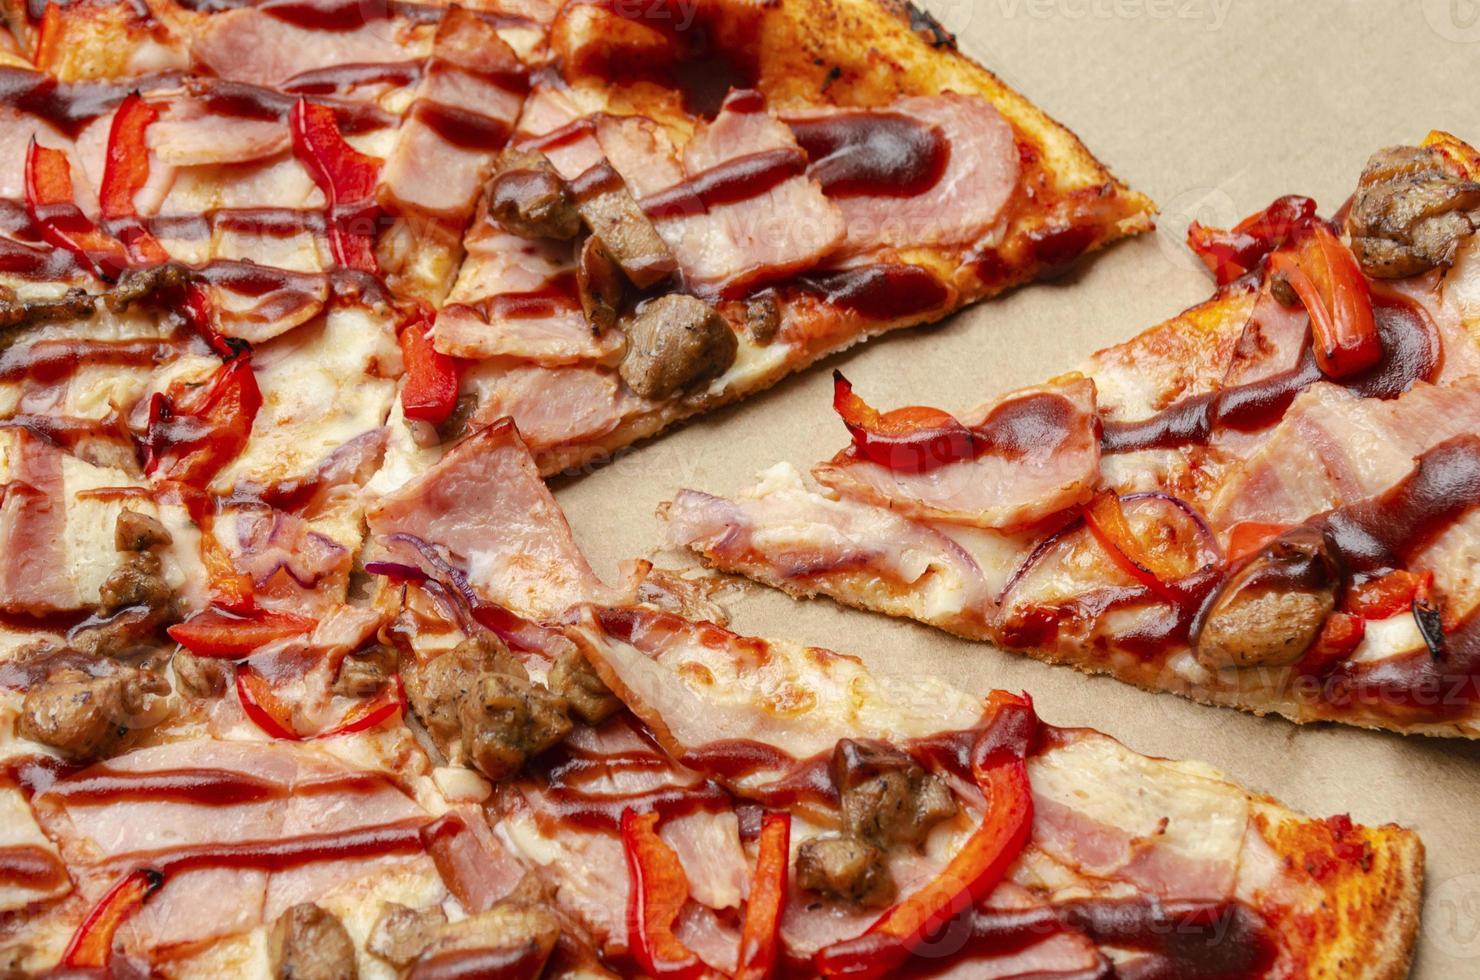 pizza en una caja. pieza separada. comida rápida foto